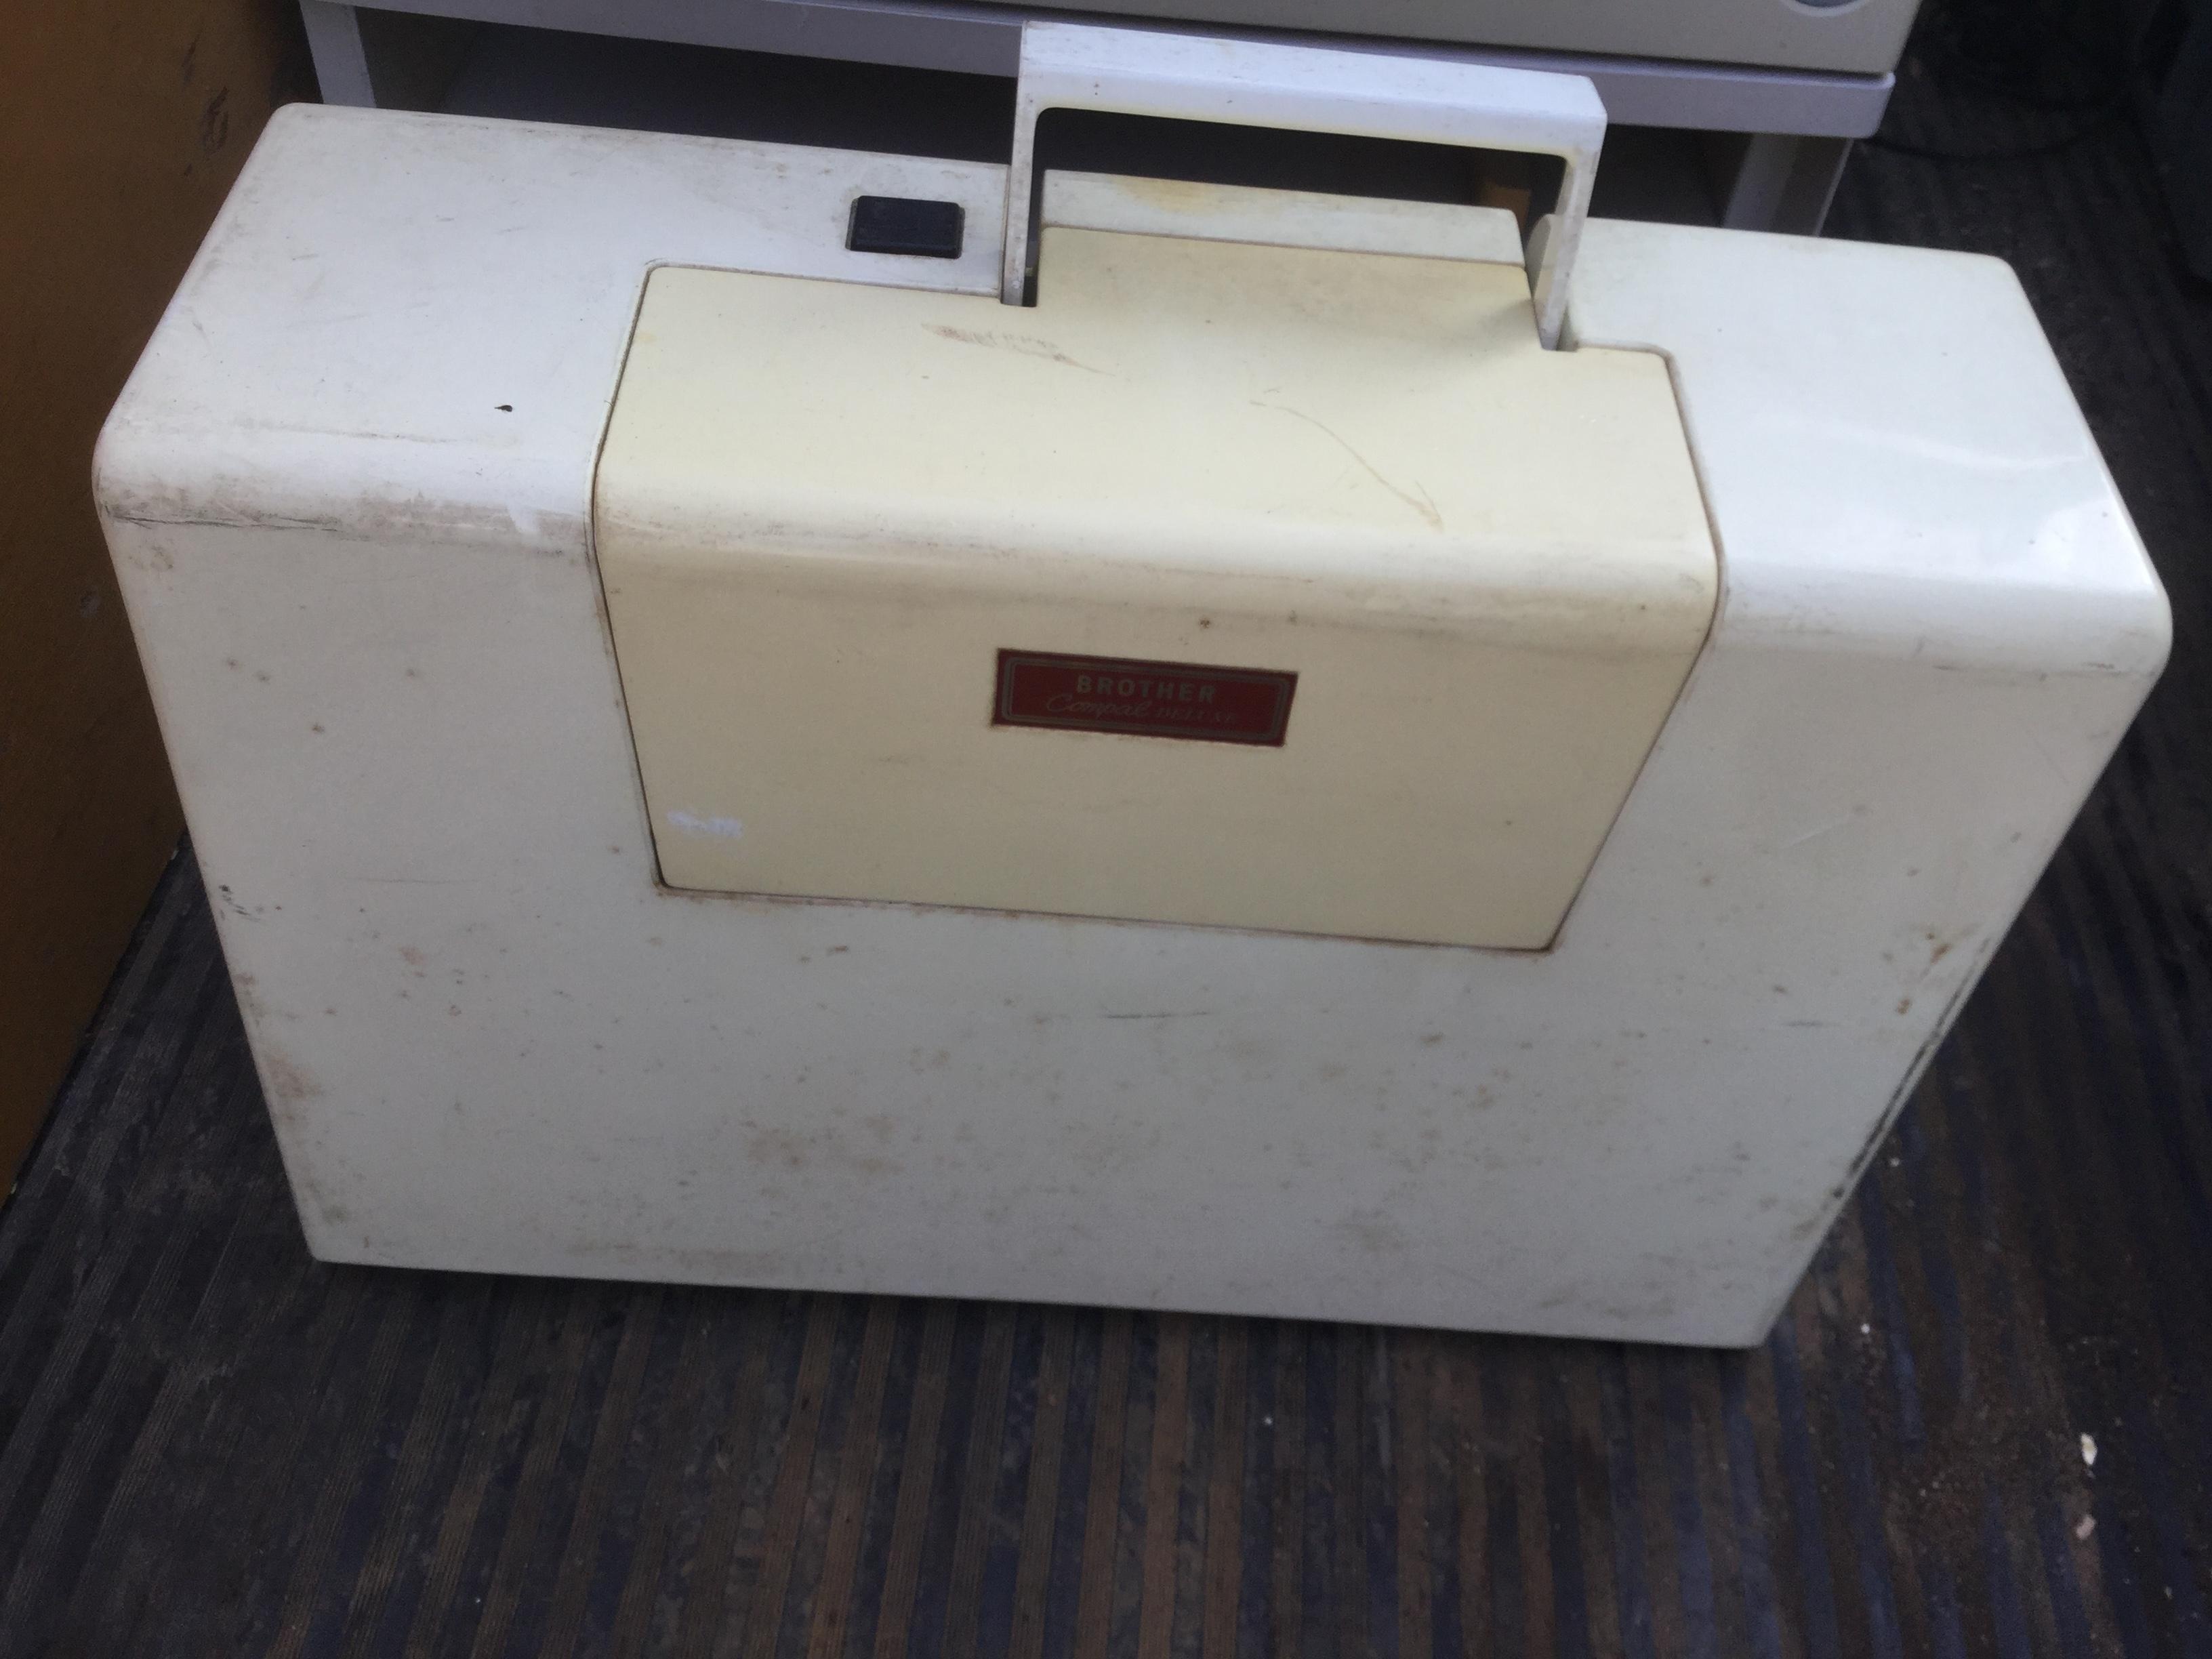 津山市で不用品回収したミシン